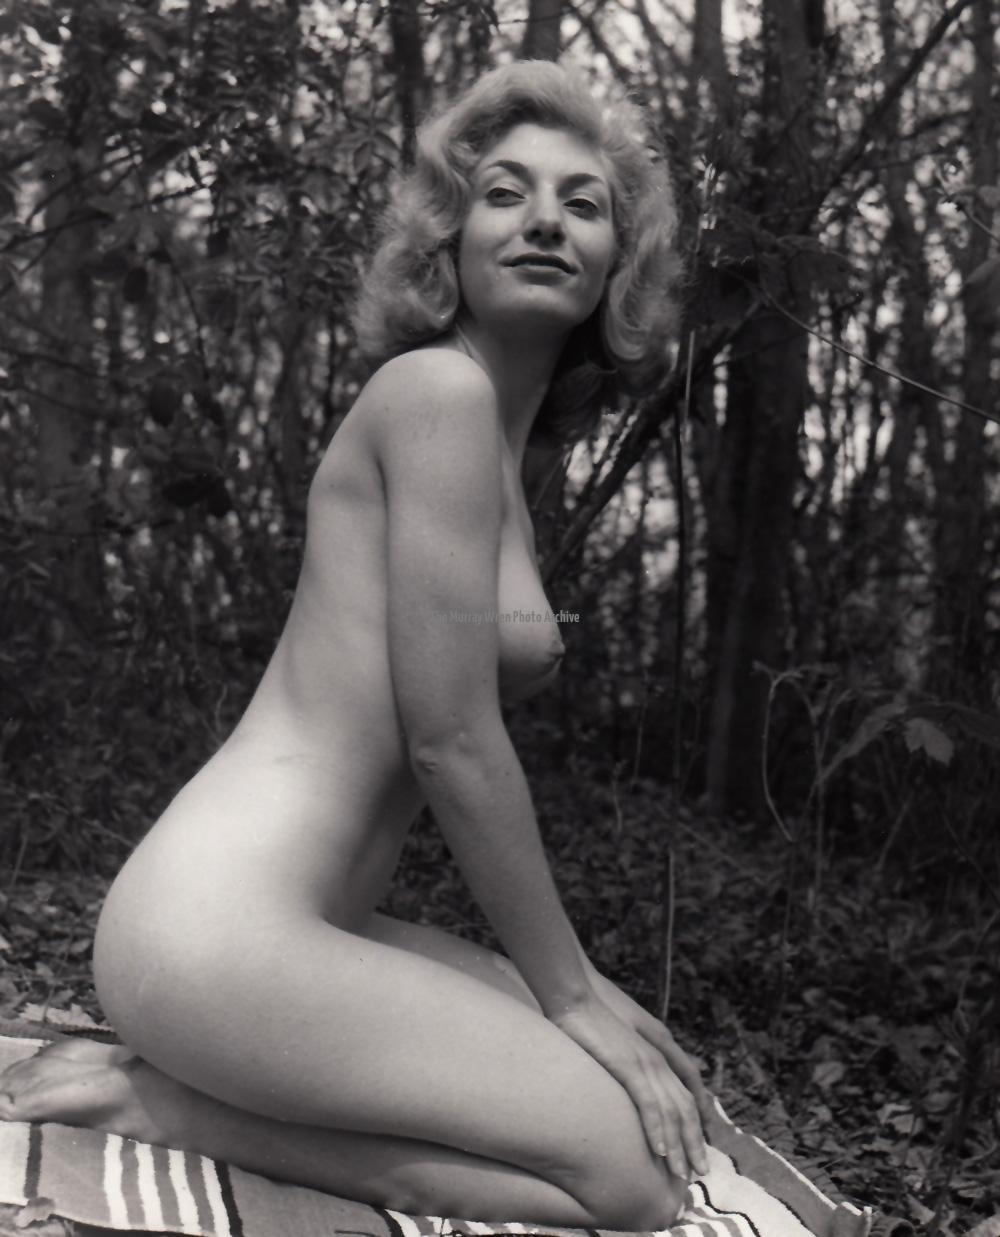 Anita-07